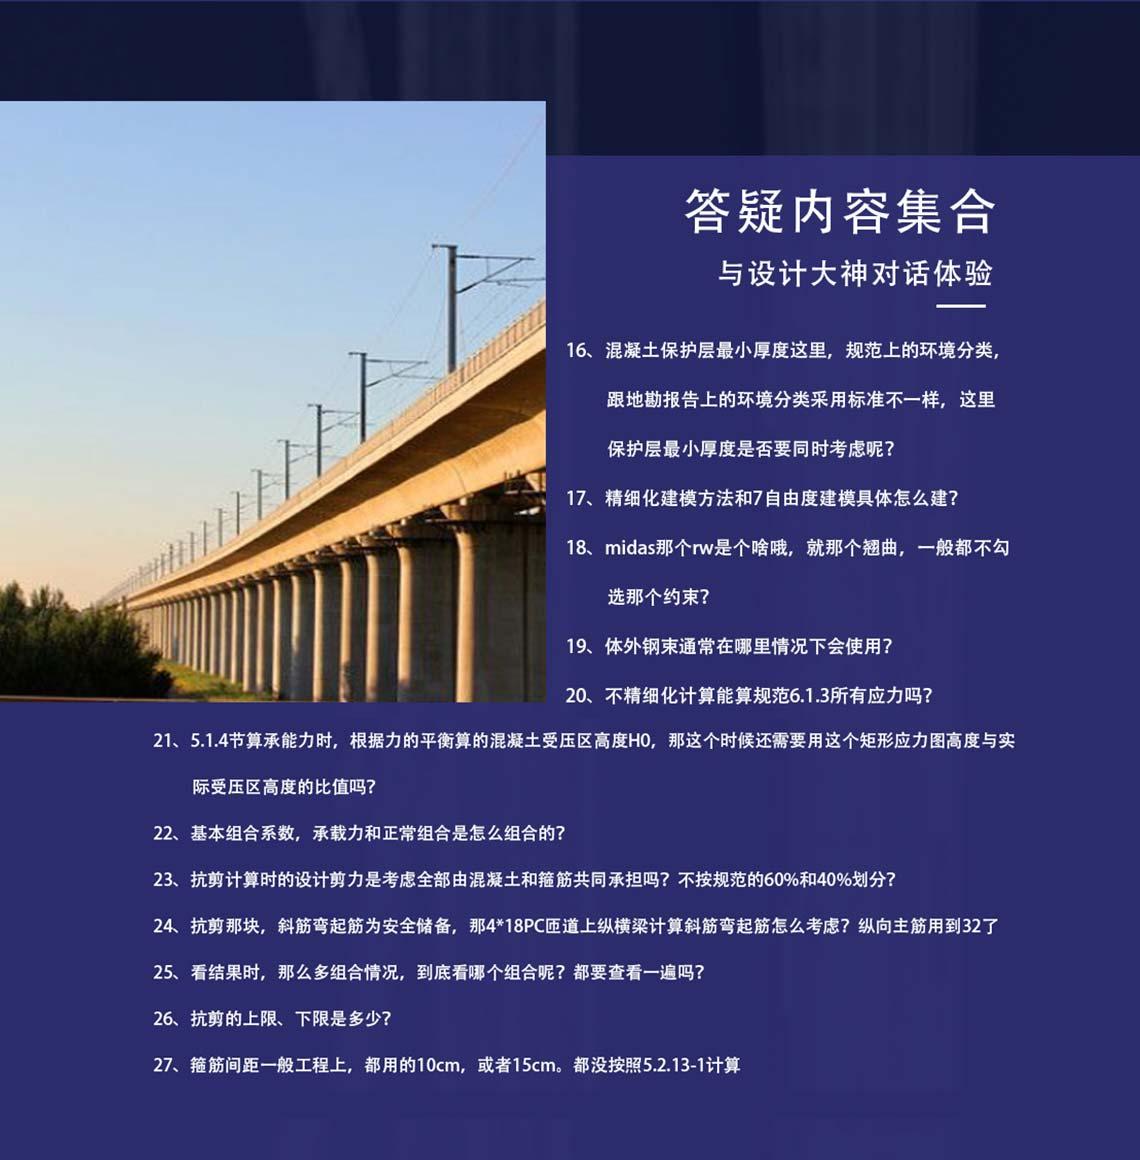 《JTG 3362-2018公路钢筋混凝土及预应力混凝土桥涵设计规范》是桥梁通用规范,是桥涵设计规范最出版的,公路桥梁设计规范2018一些不容易理解的数据进行解读,帮助大家理解JTG3362-2018桥涵设计规范,更好的做好桥梁设计工作。